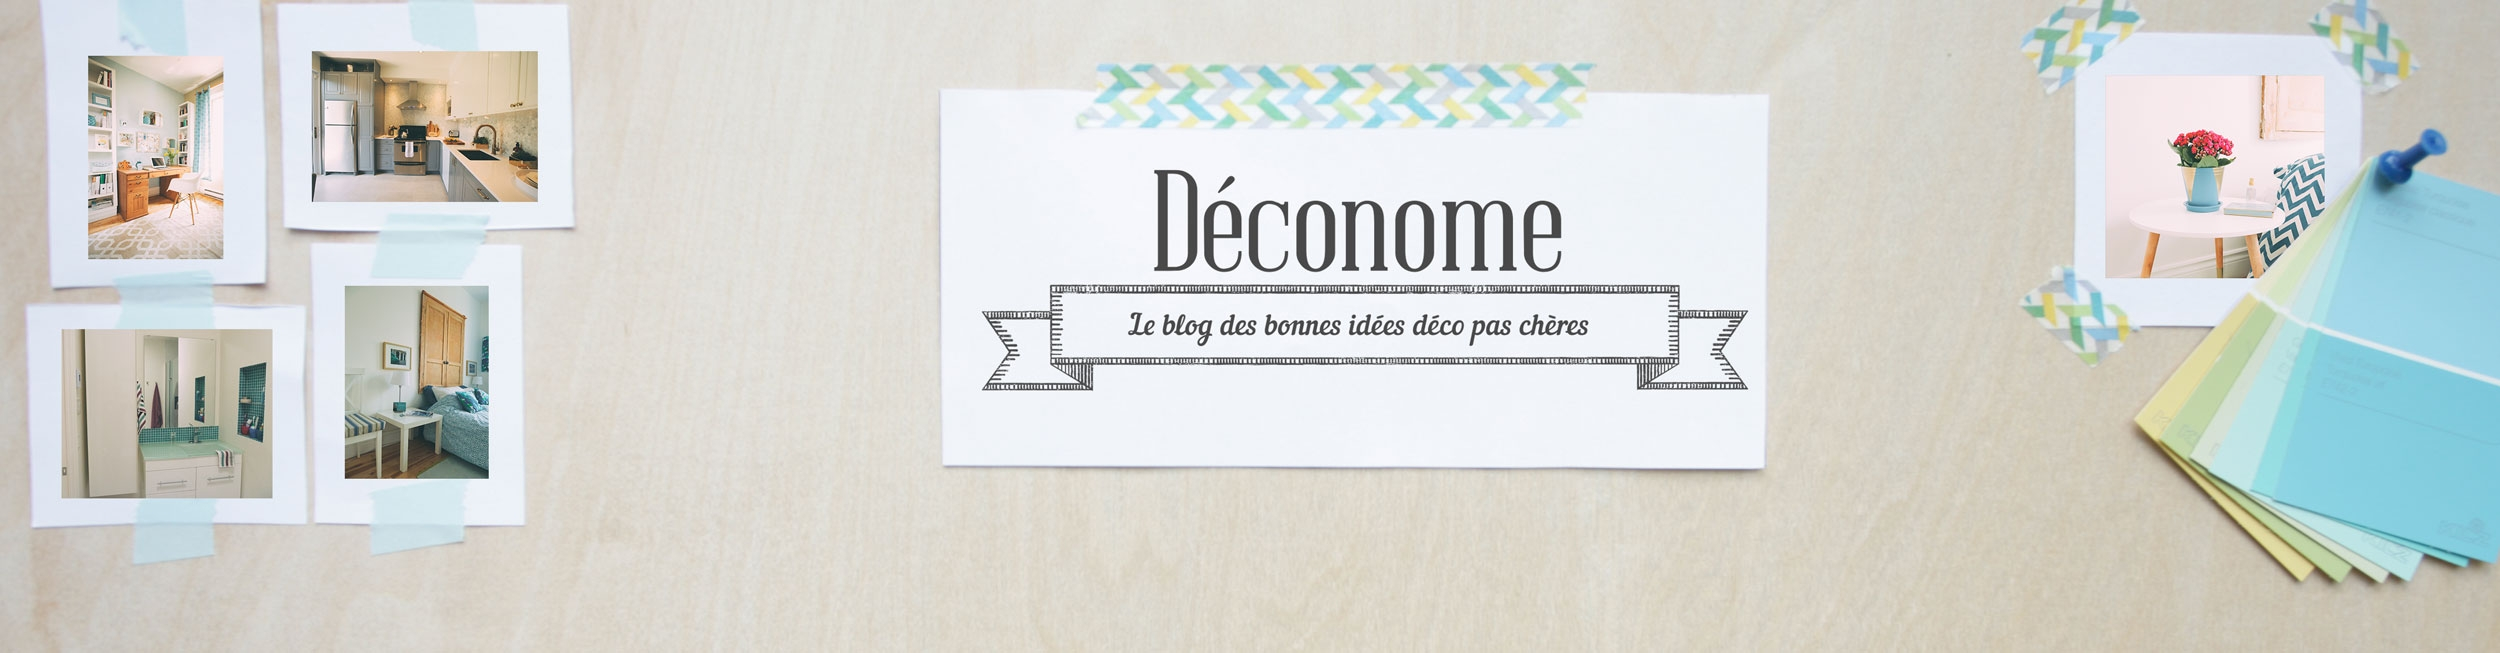 Déconome (@deconome) Cover Image